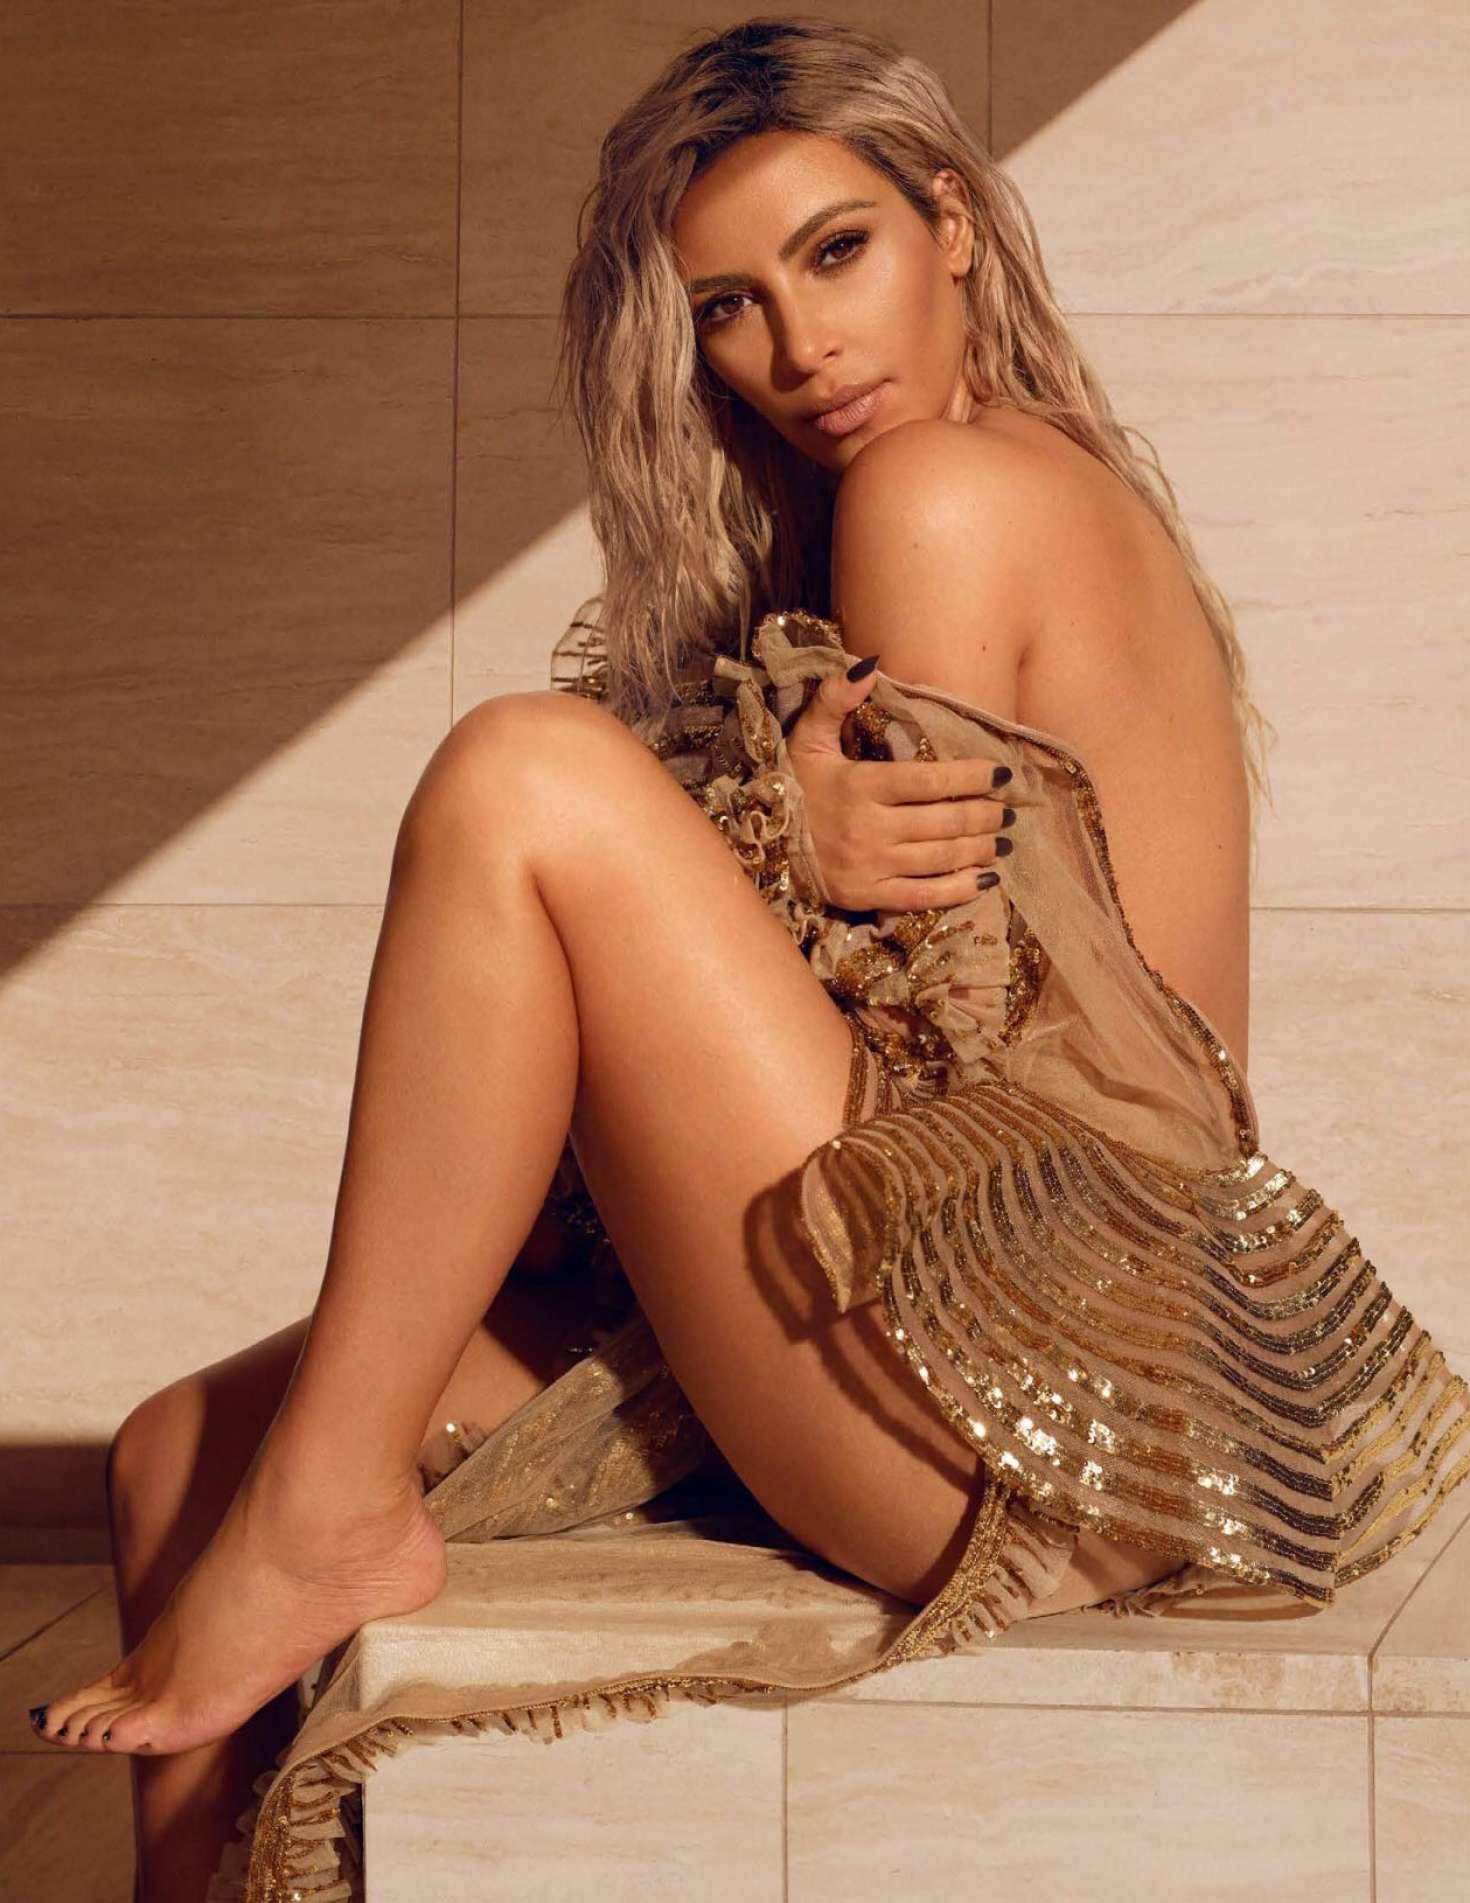 Kim Kardashian 2018 : Kim Kardashian: Vogue India 2018 adds -08